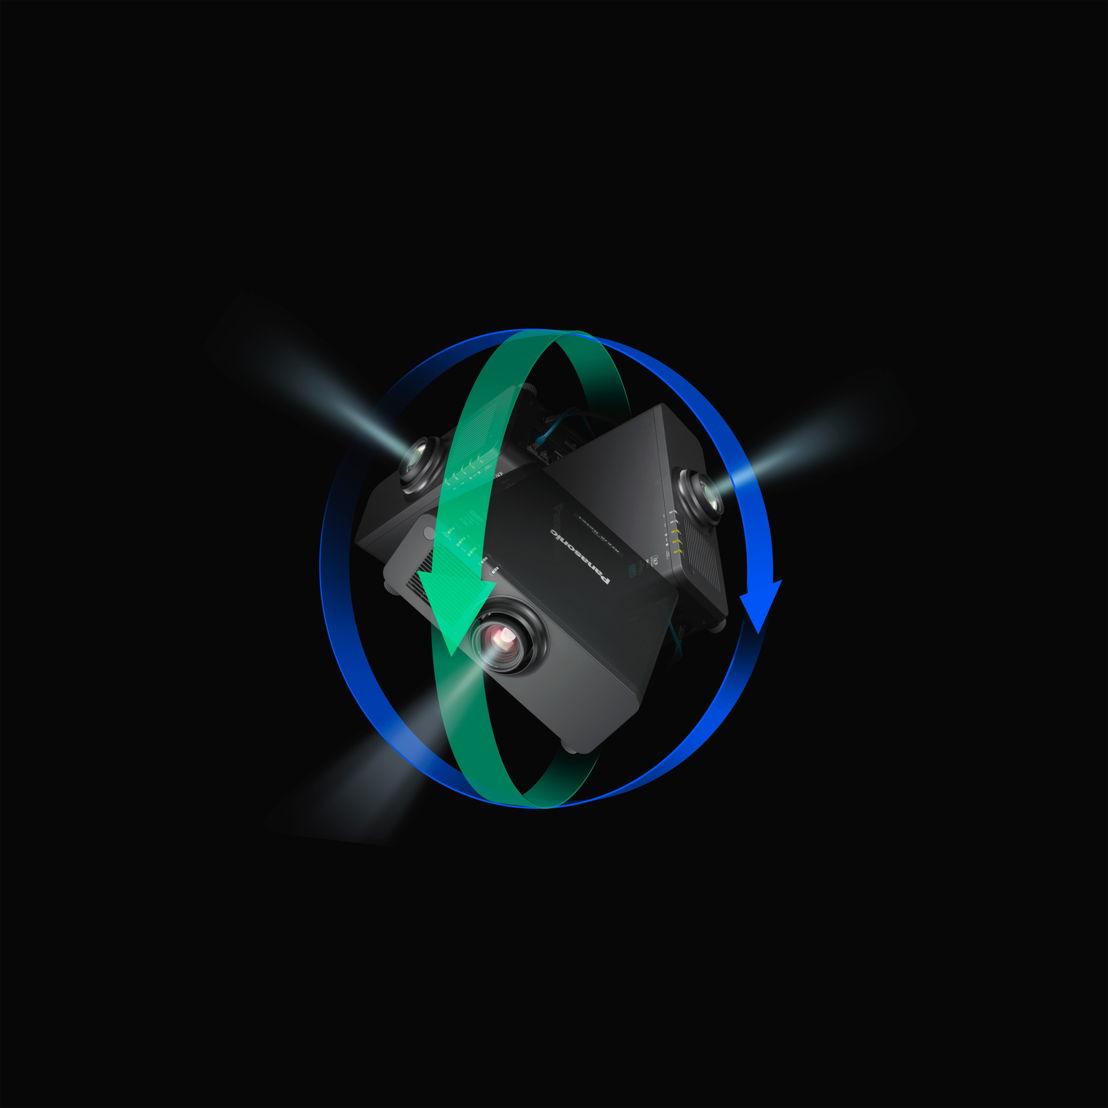 Panasonic Proyectores Solid Shine Instalacion 360°